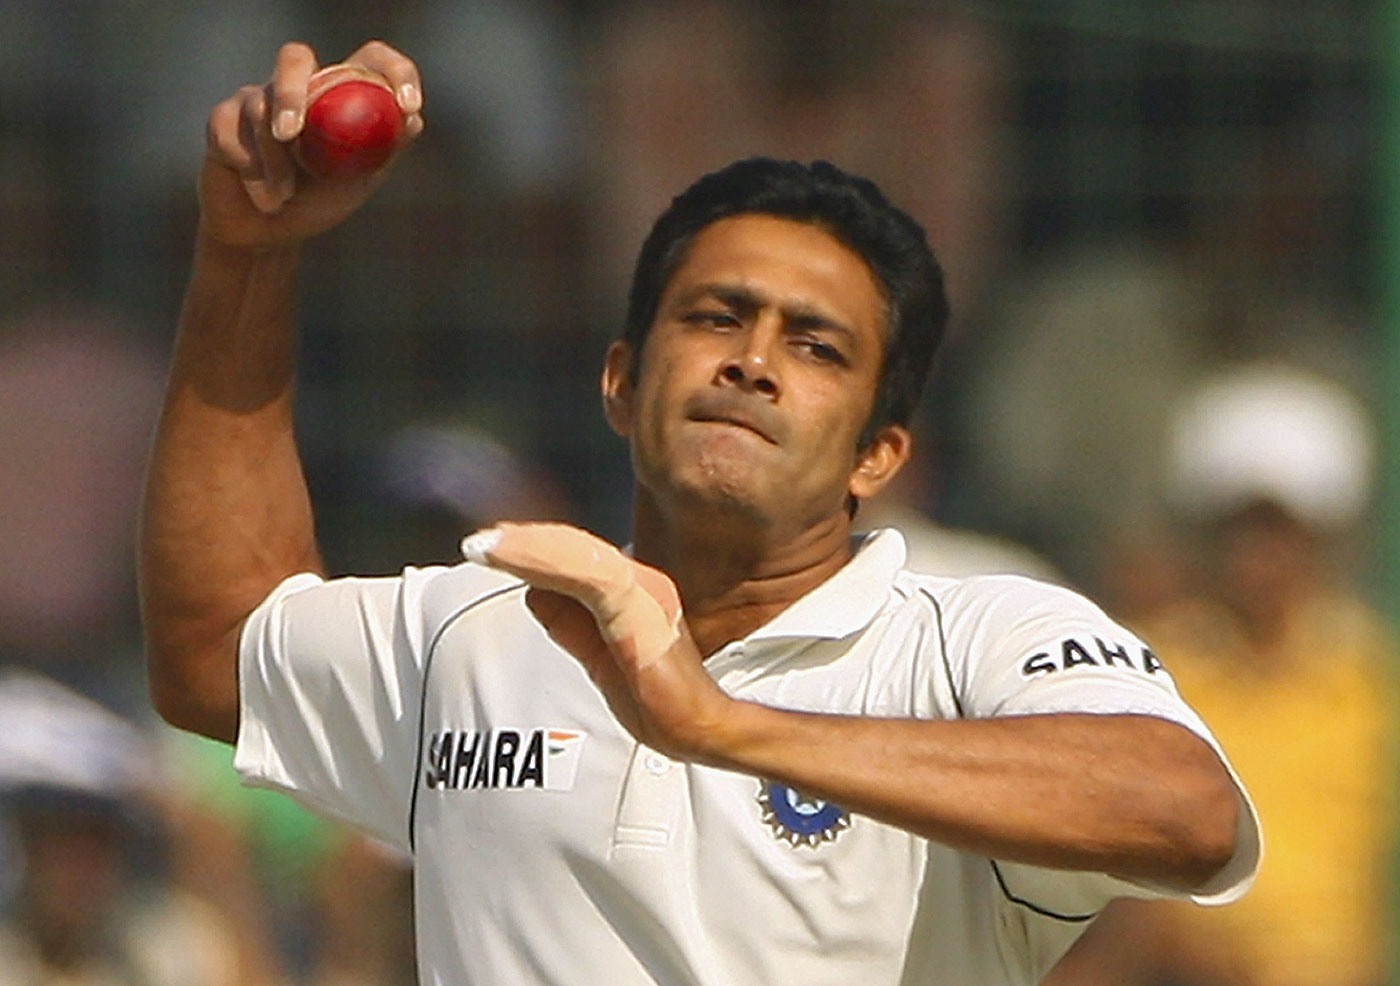 5 ऐसे मौके जब भारतीय गेंदबाजो के सामने बेबस नजर आई श्रीलंका की बल्लेबाजी 6